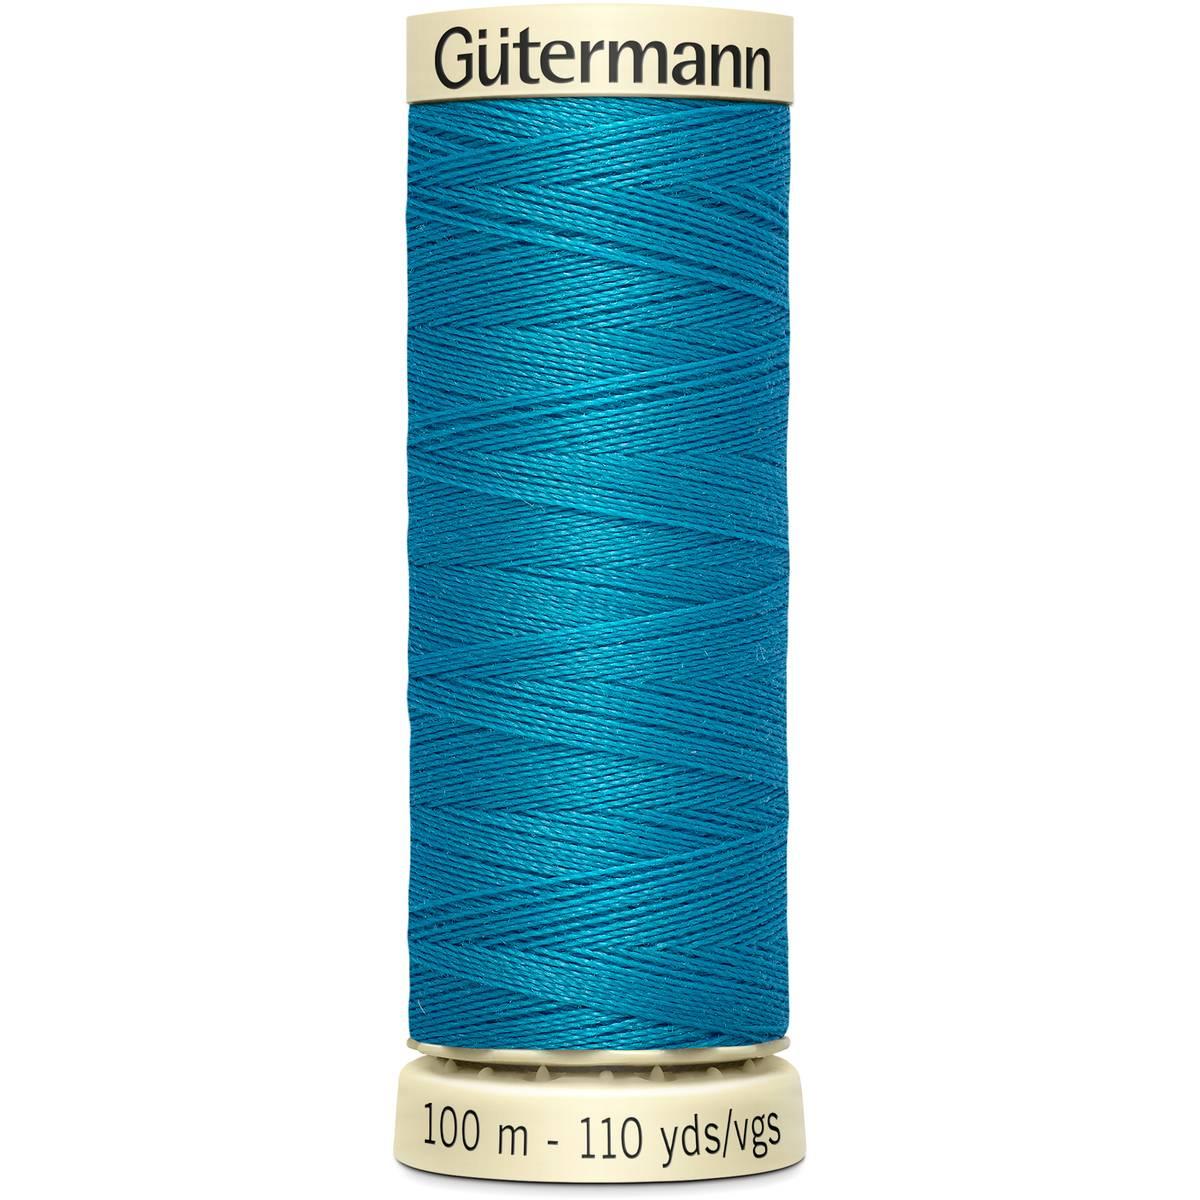 חוט תפירה גוטרמן - Blue 761